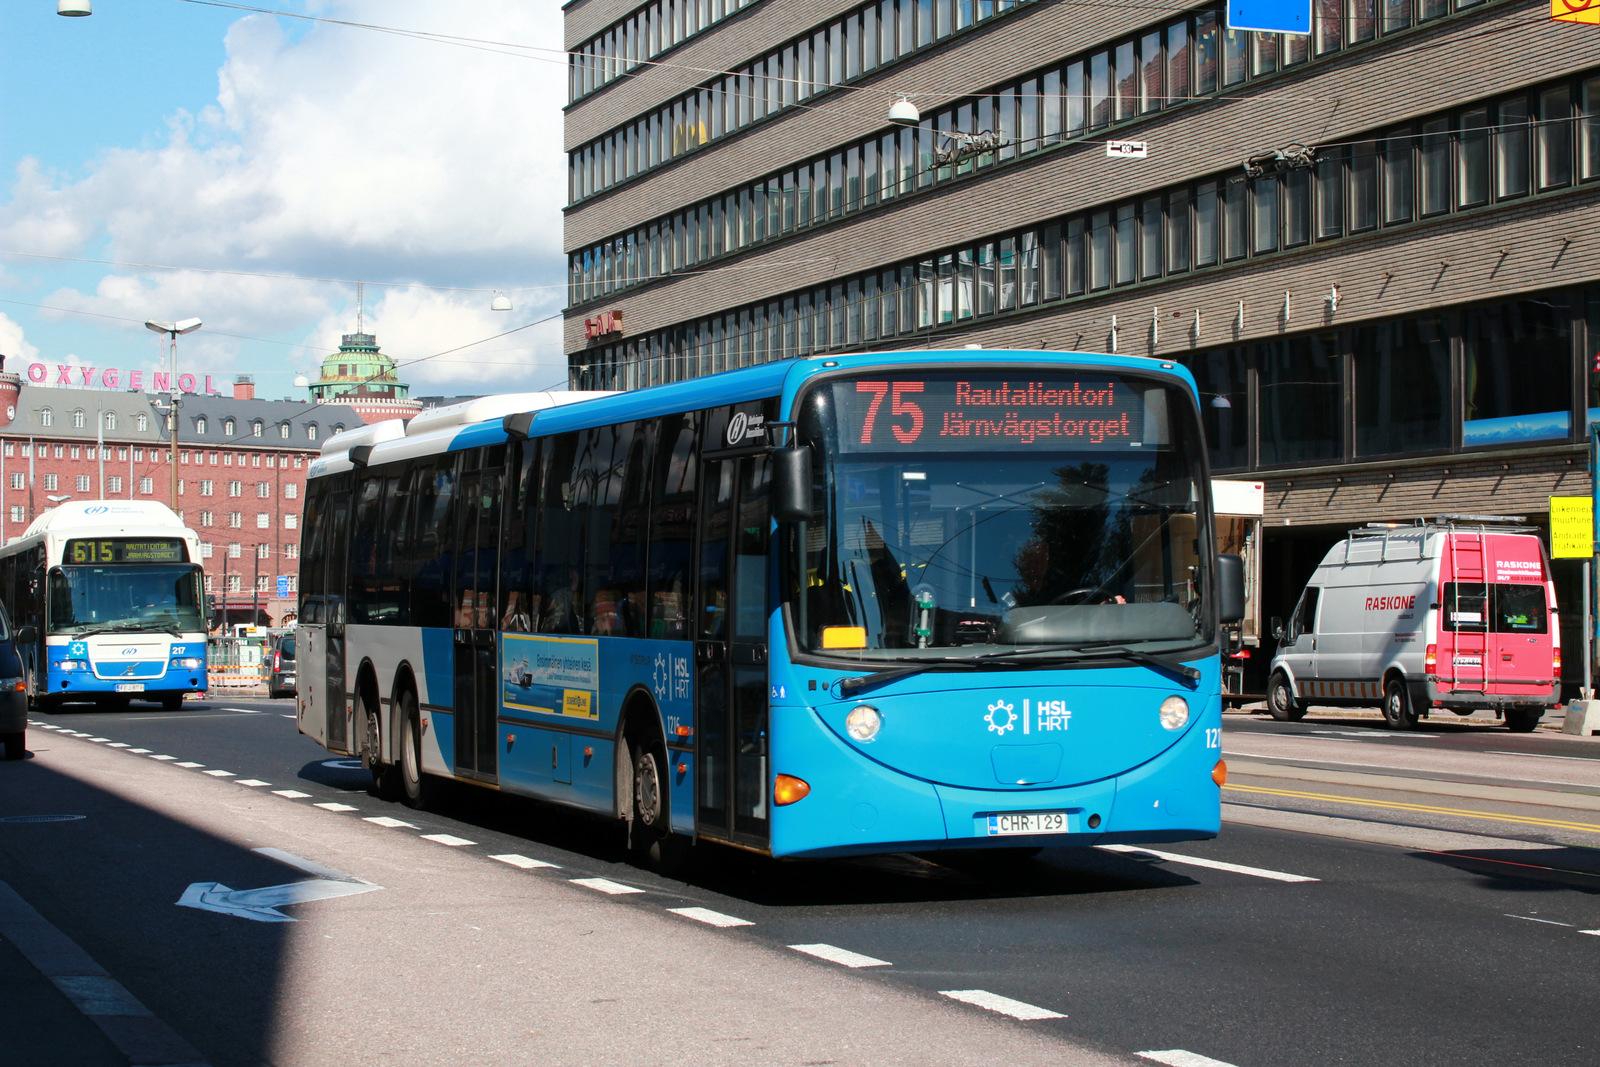 В Хельсинки подорожает проезд в транспорте